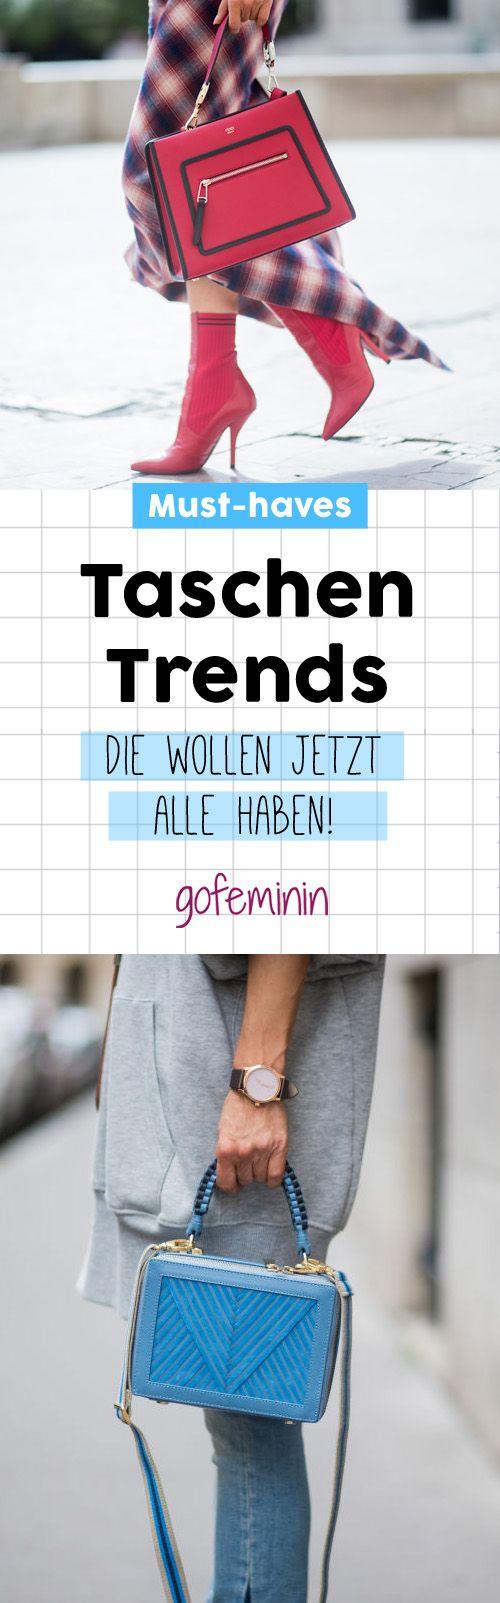 Taschen-Trends 2018: Das sind die It-Bags des Jahres! – gofeminin.de